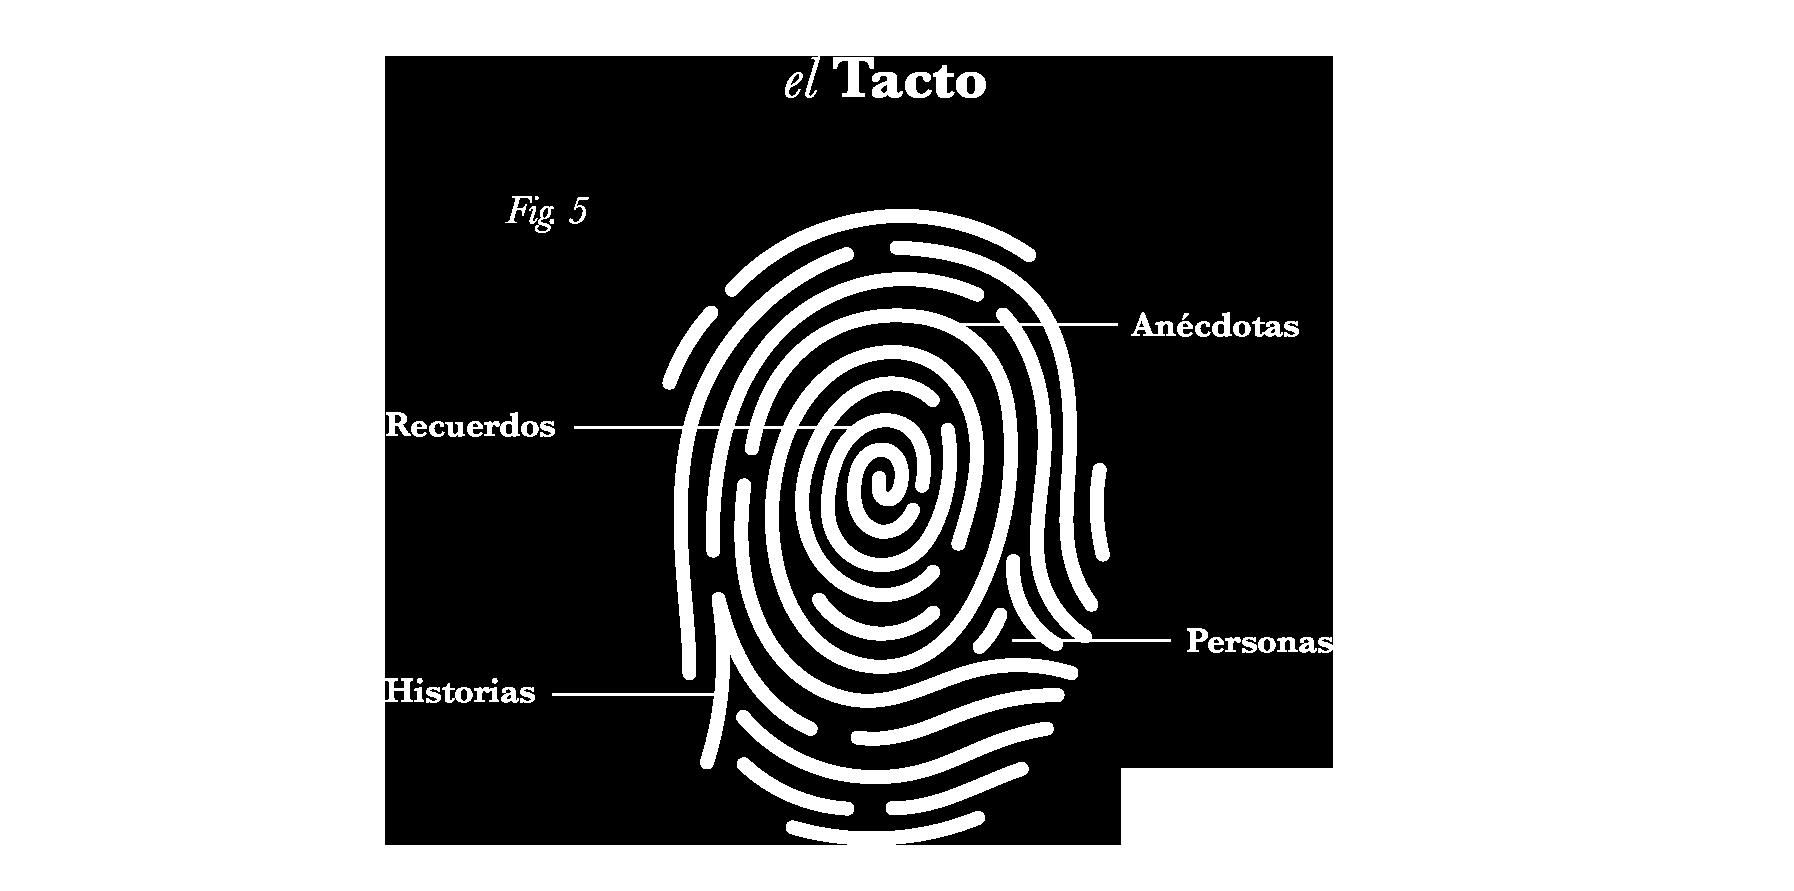 el-tacto-sommos